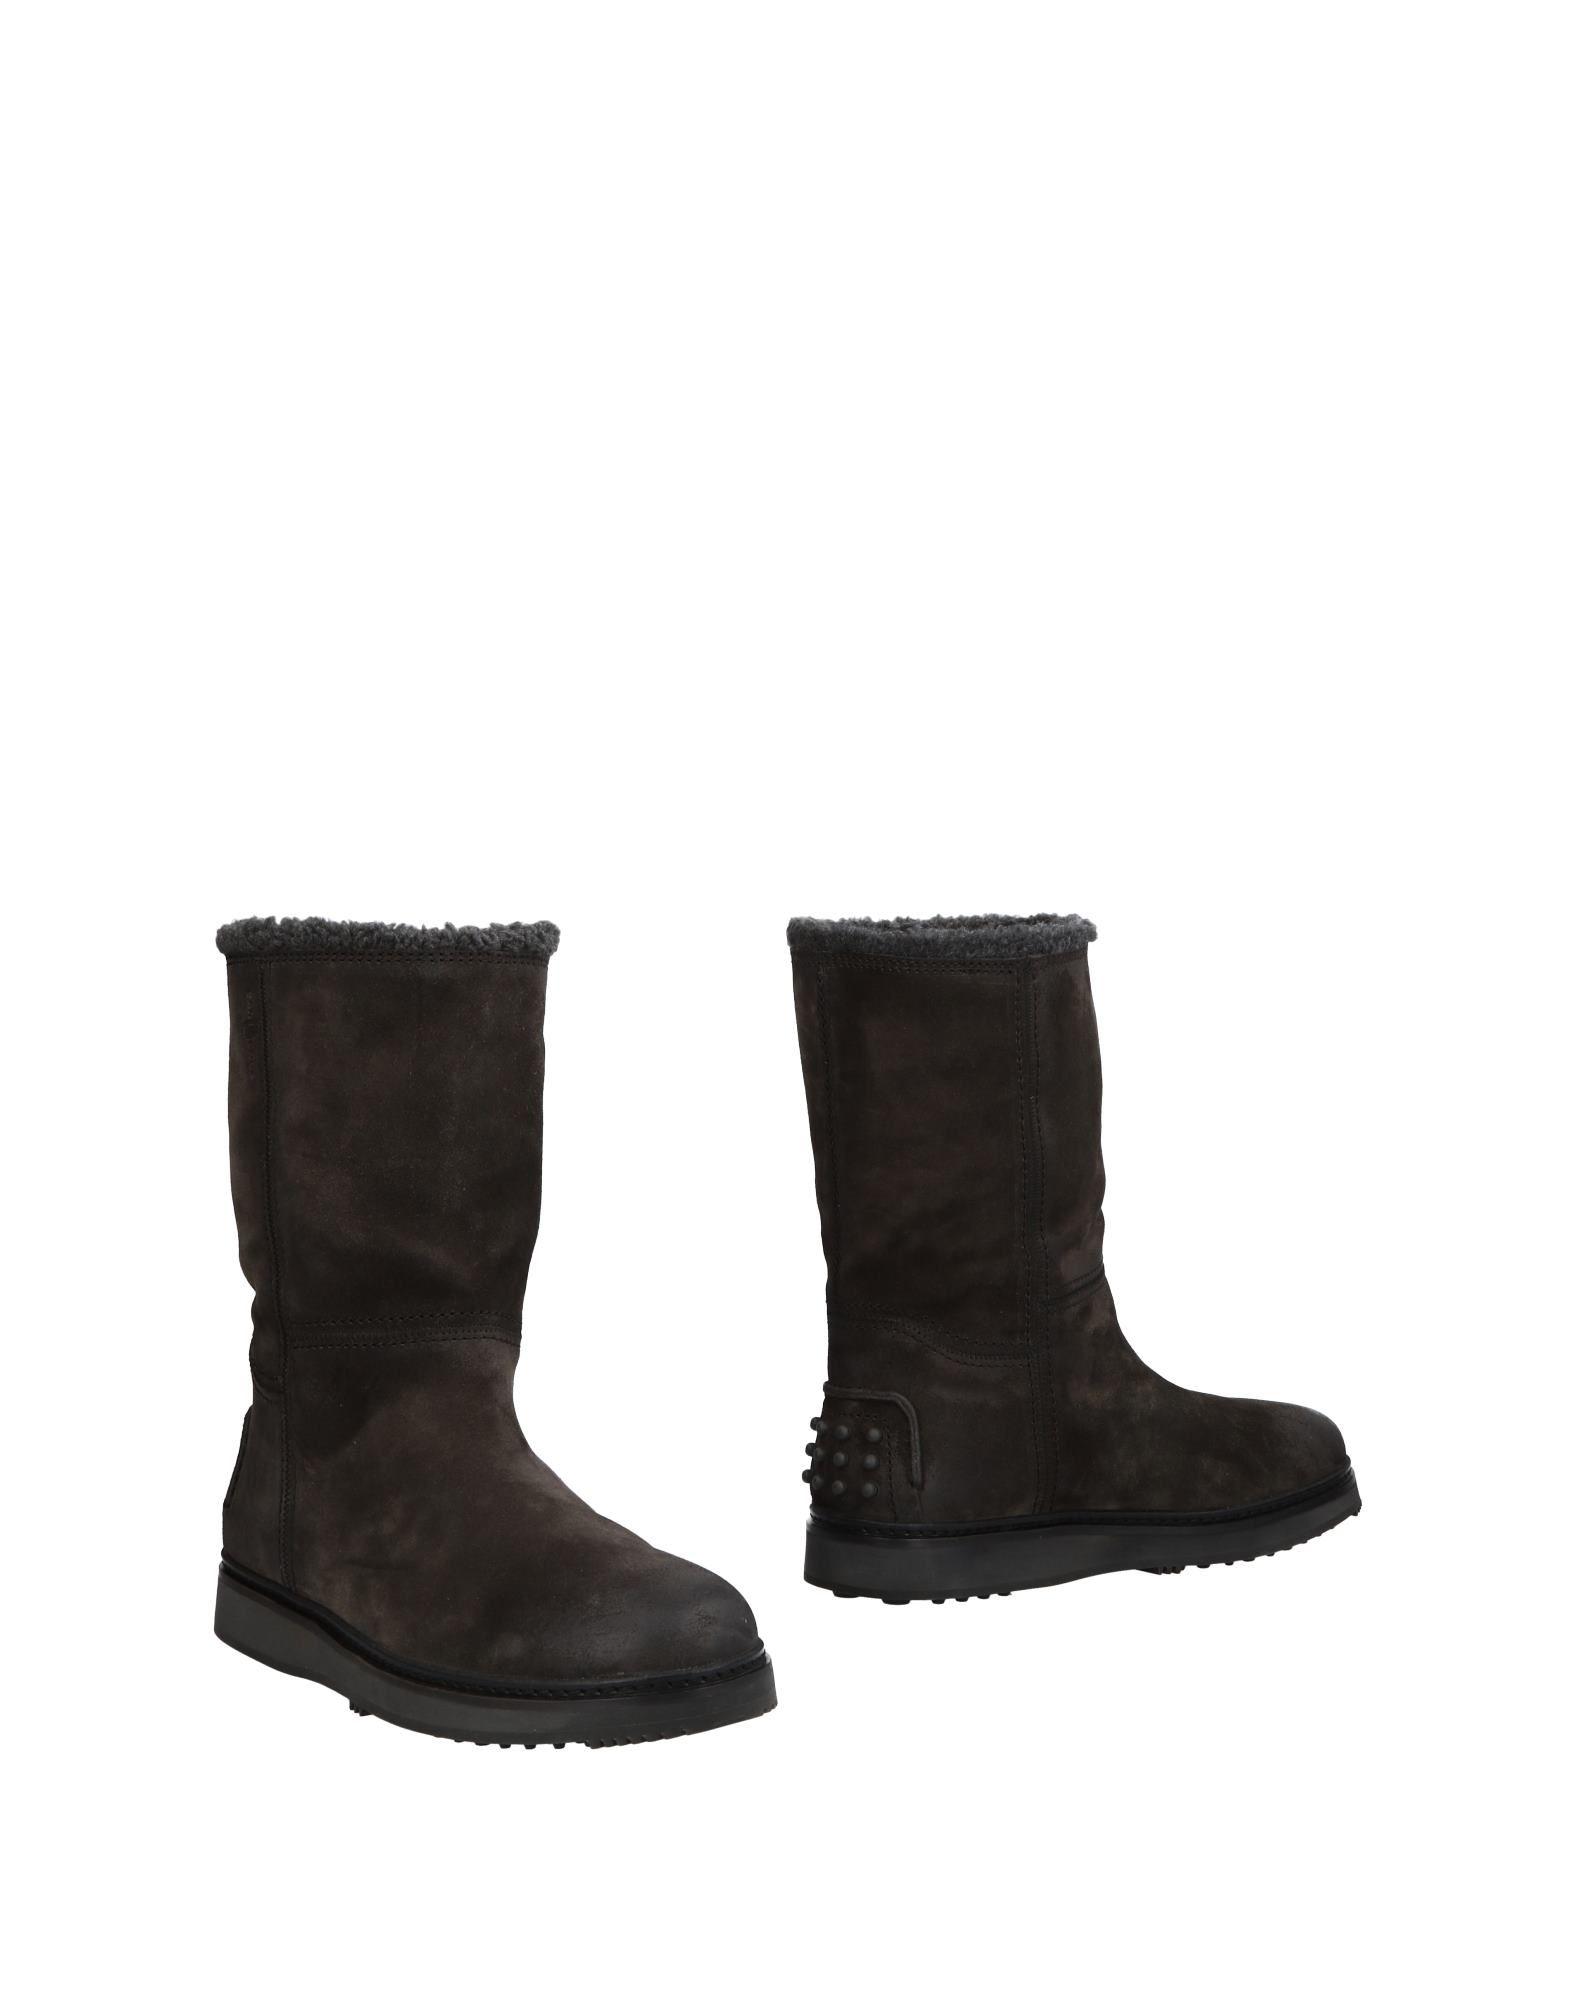 Carshoe Stiefelette Herren  11496260AW Gute Qualität beliebte Schuhe